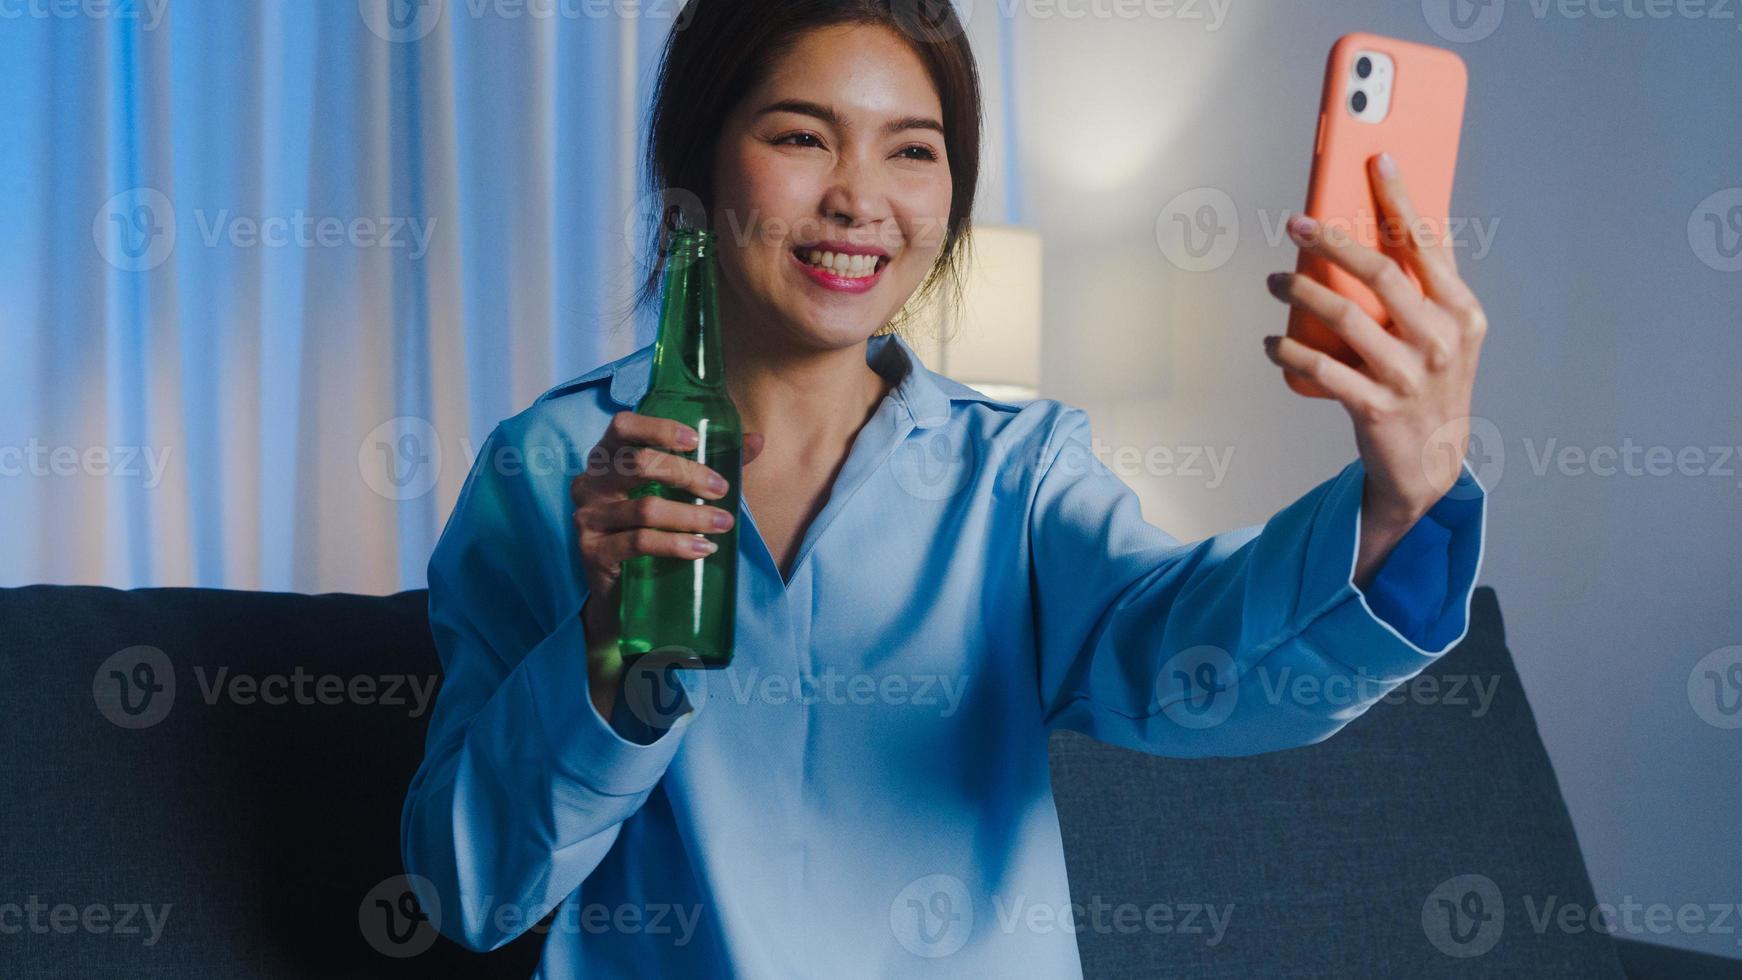 jovem senhora asiática bebendo cerveja se divertindo momento feliz noite festa evento on-line celebração através de chamada de vídeo na sala de estar em casa à noite. distanciamento social, quarentena para prevenção de coronavírus. foto